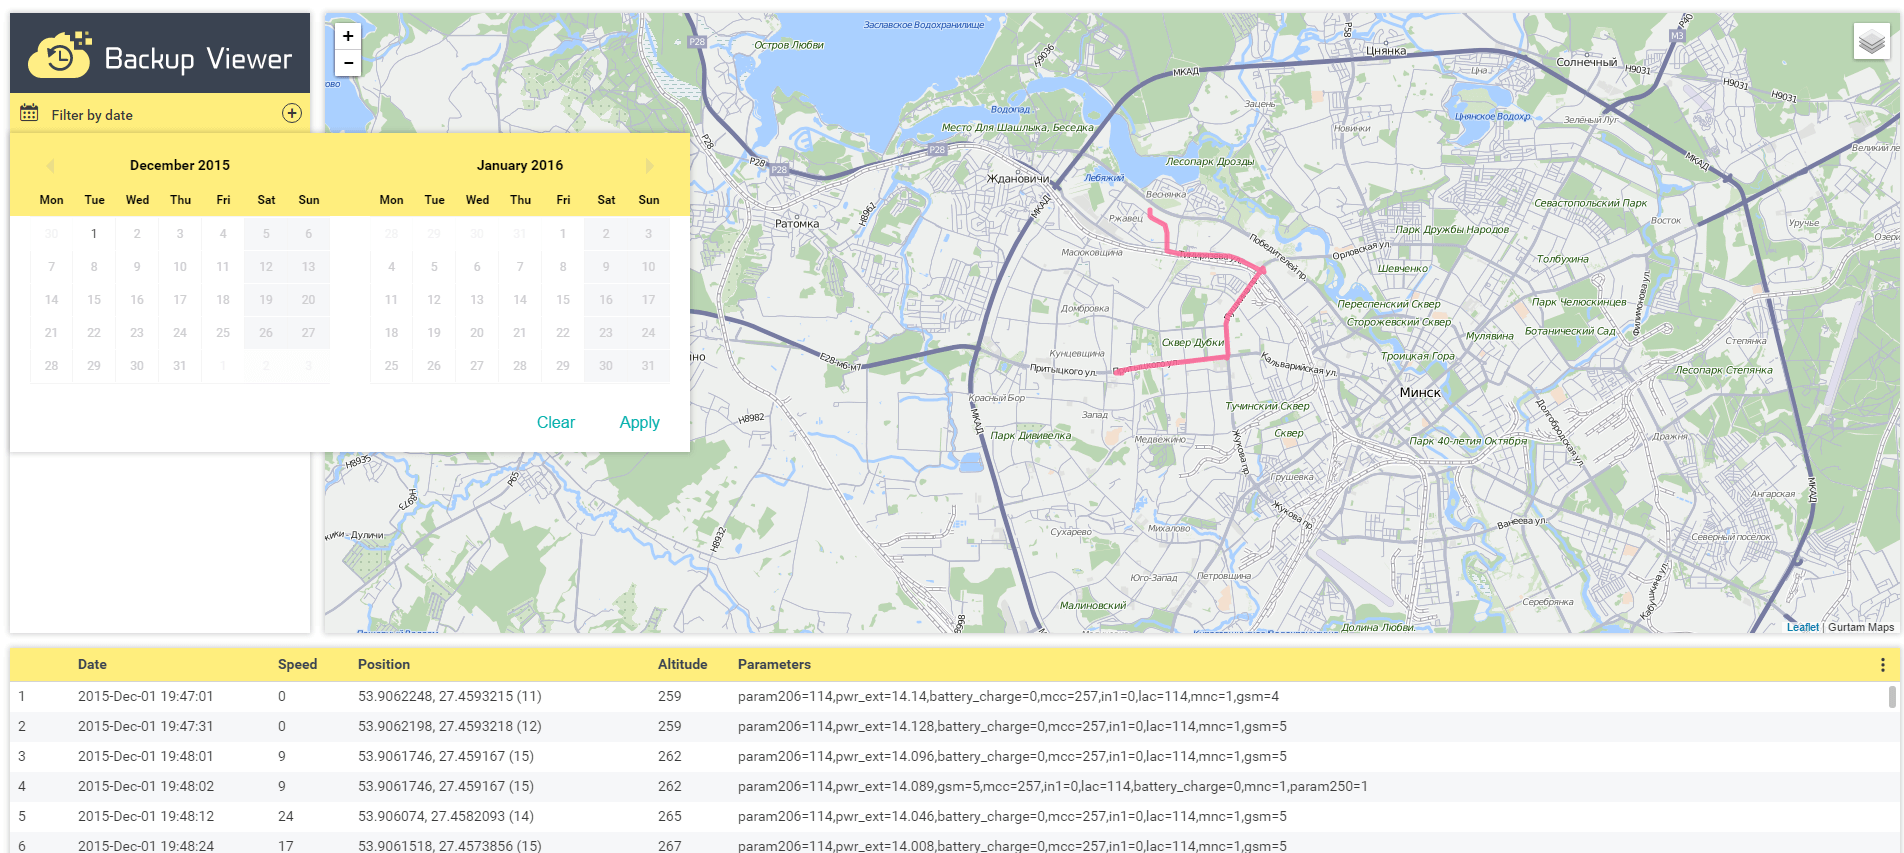 Wialon Local 1704 Checklist